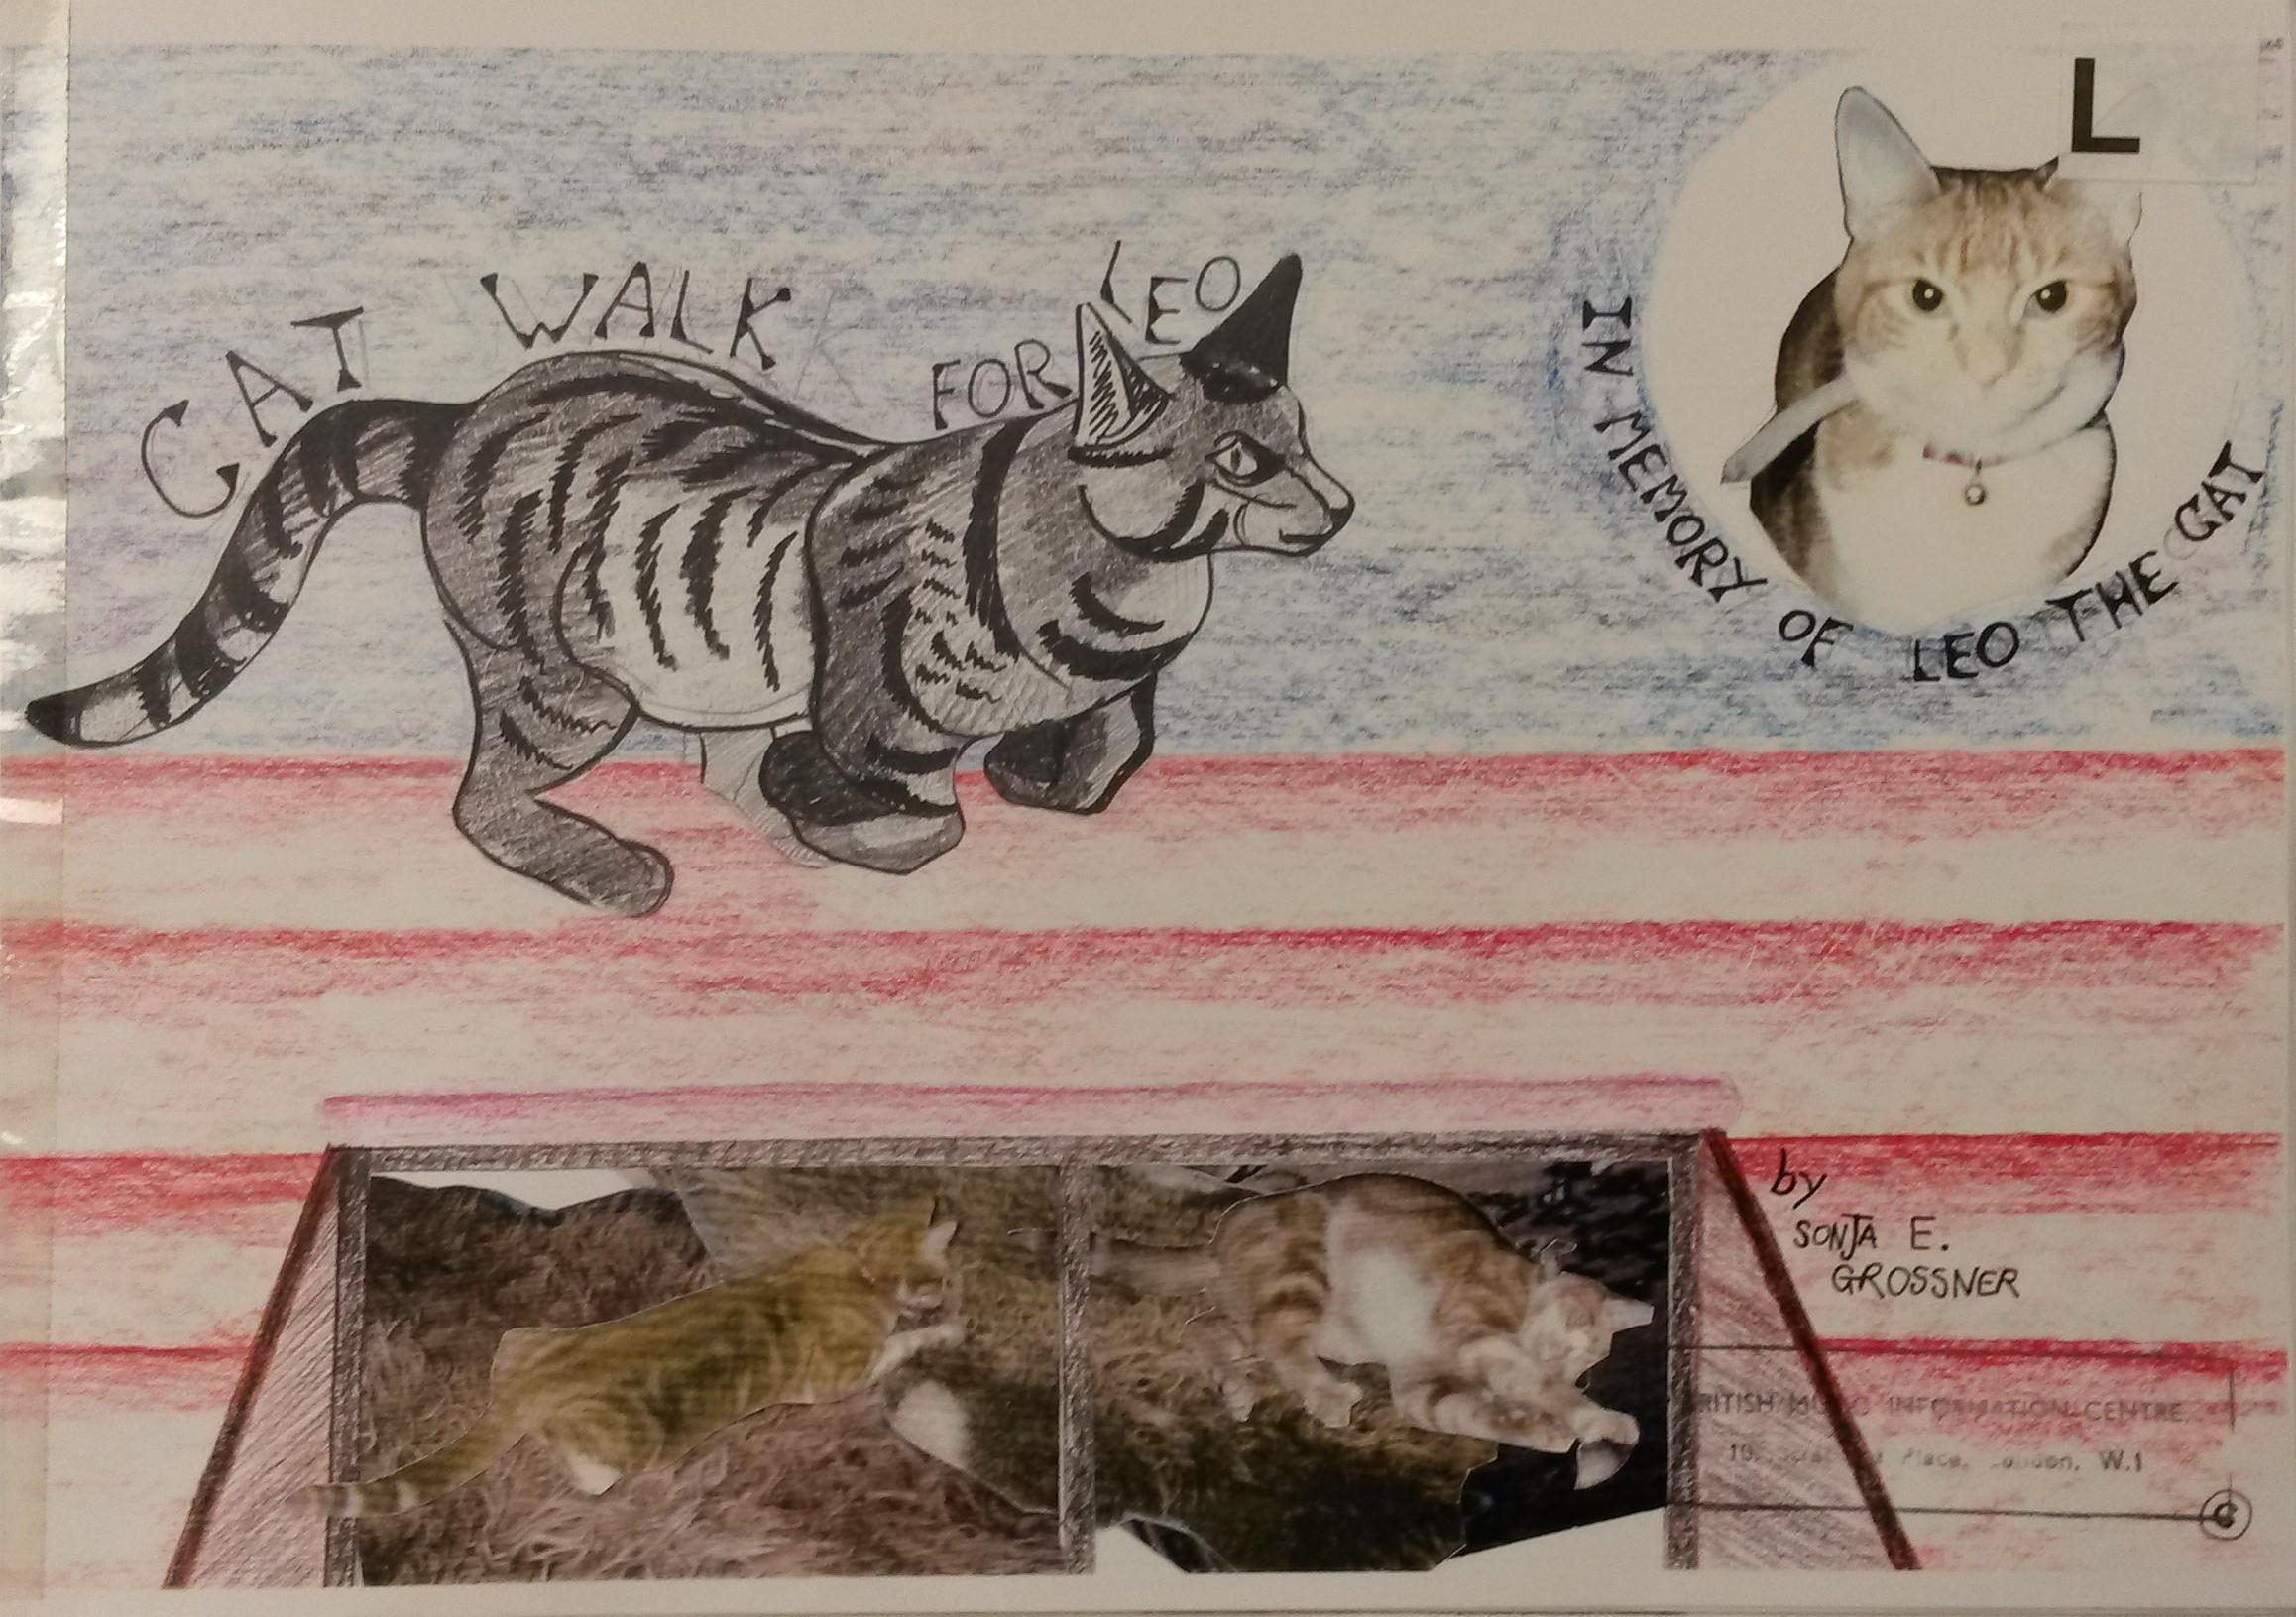 Cat walk for Leo by Sonja E Grossner